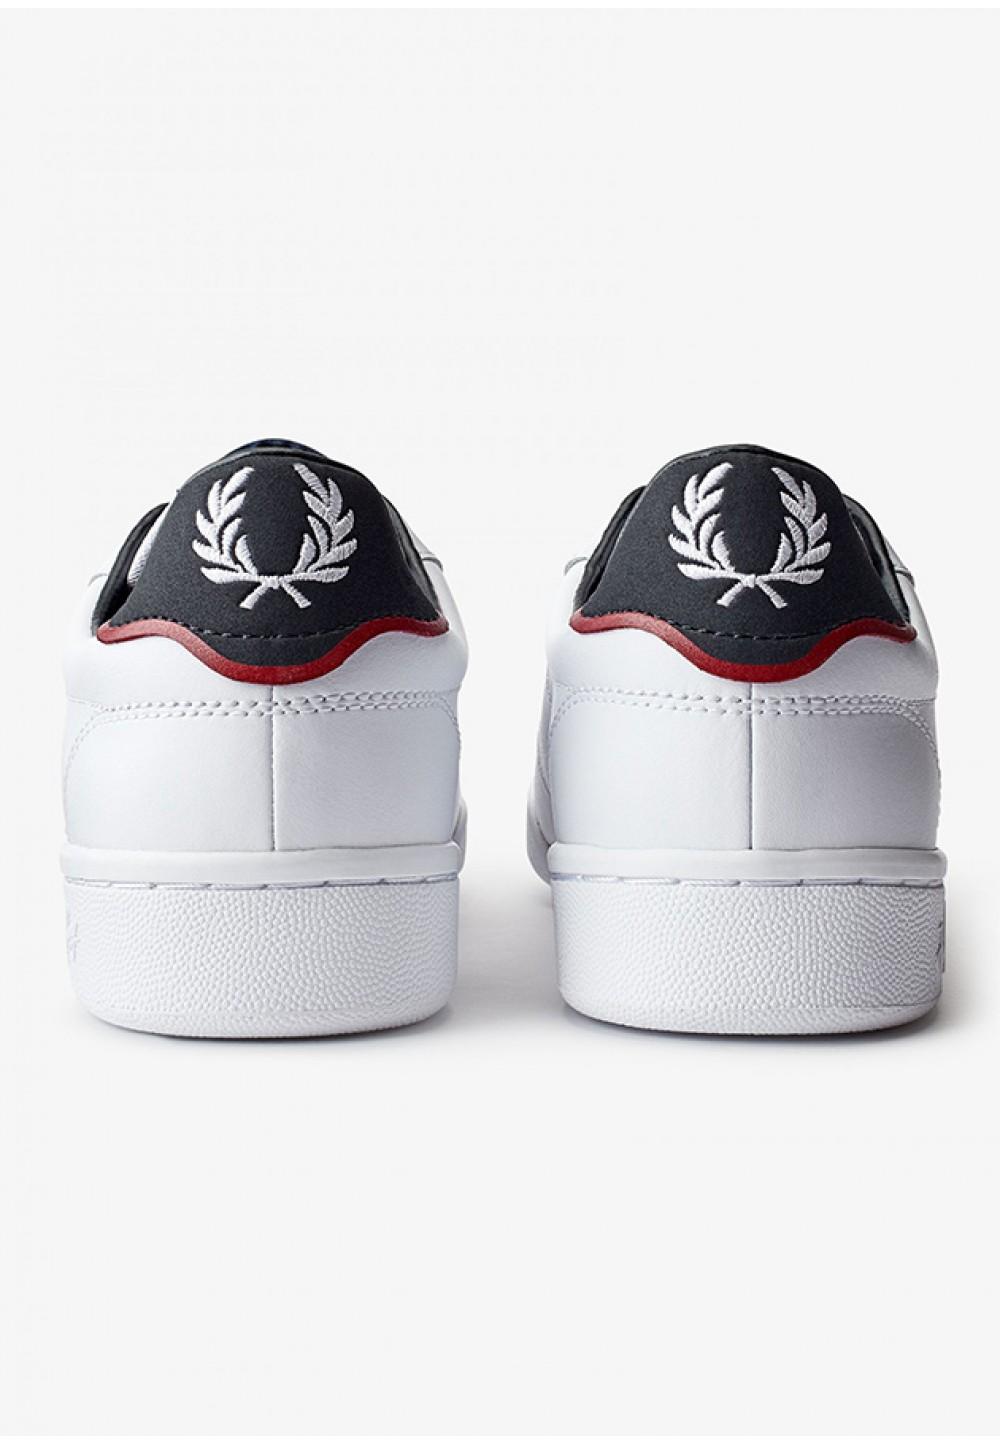 Стильные белые кеды с логотипом